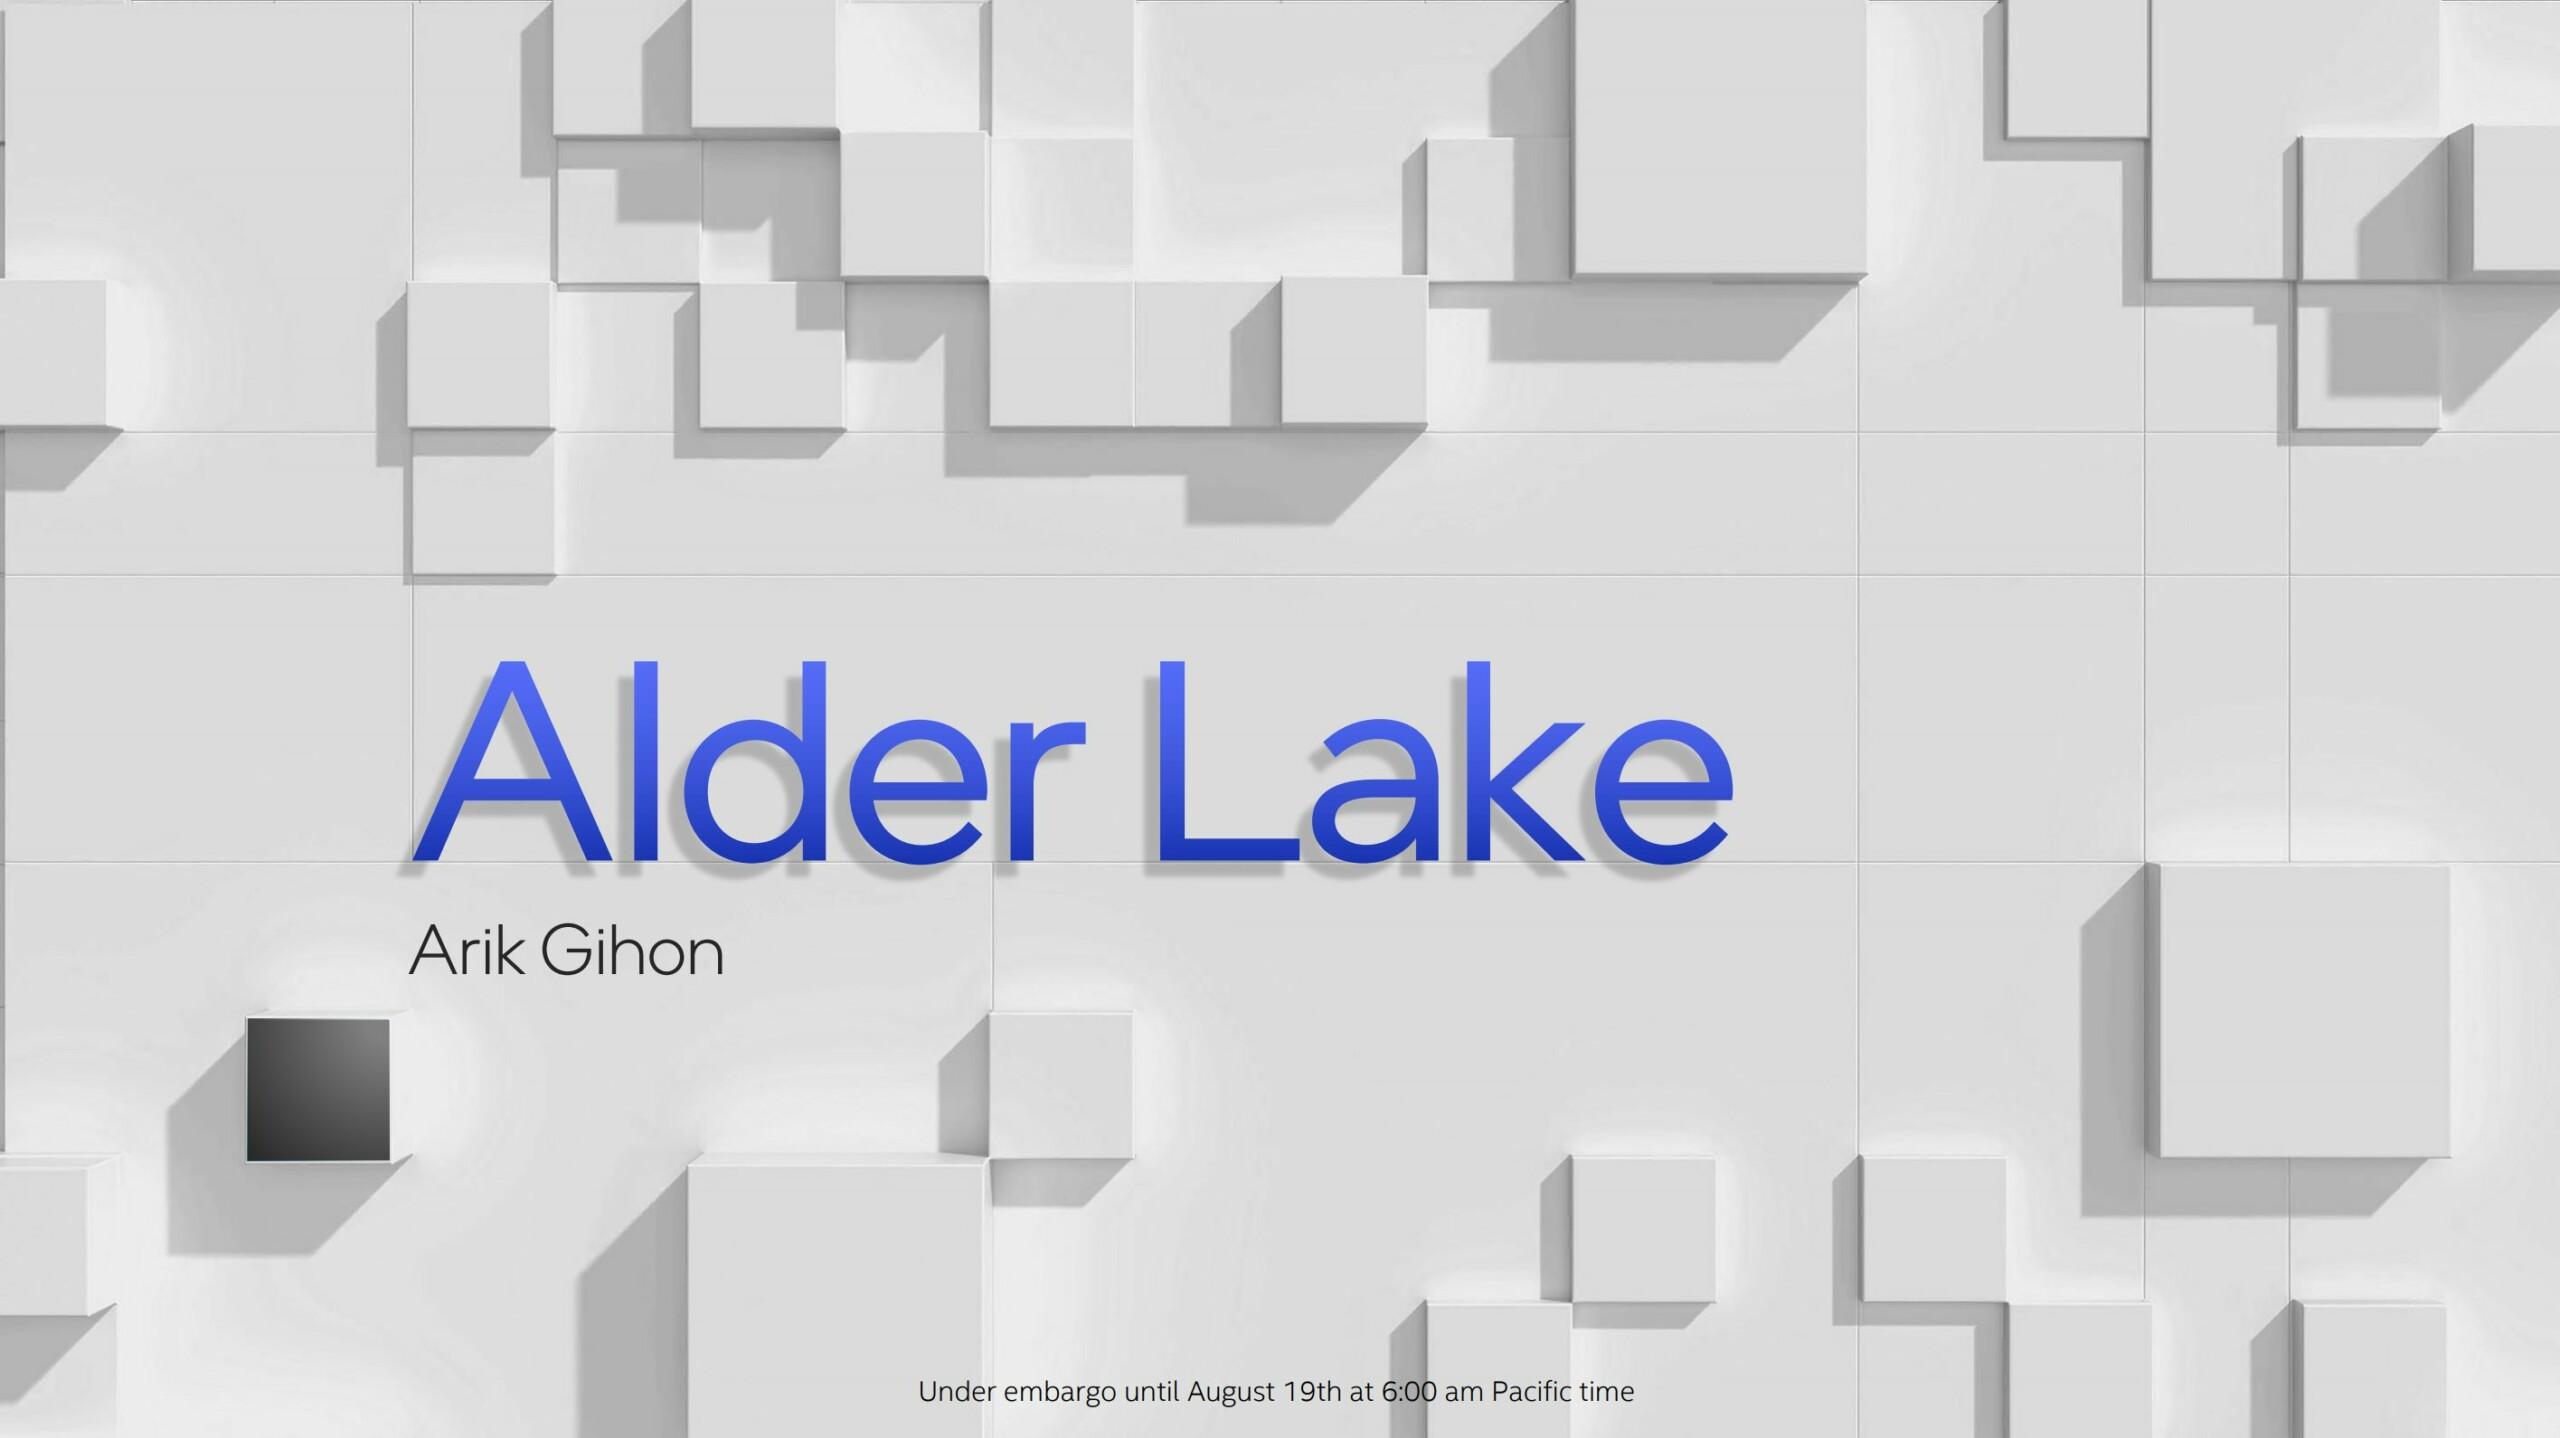 Intel Alder Lake : l'architecture hybride marque le retour d'Intel pour vaincre AMD et ARM